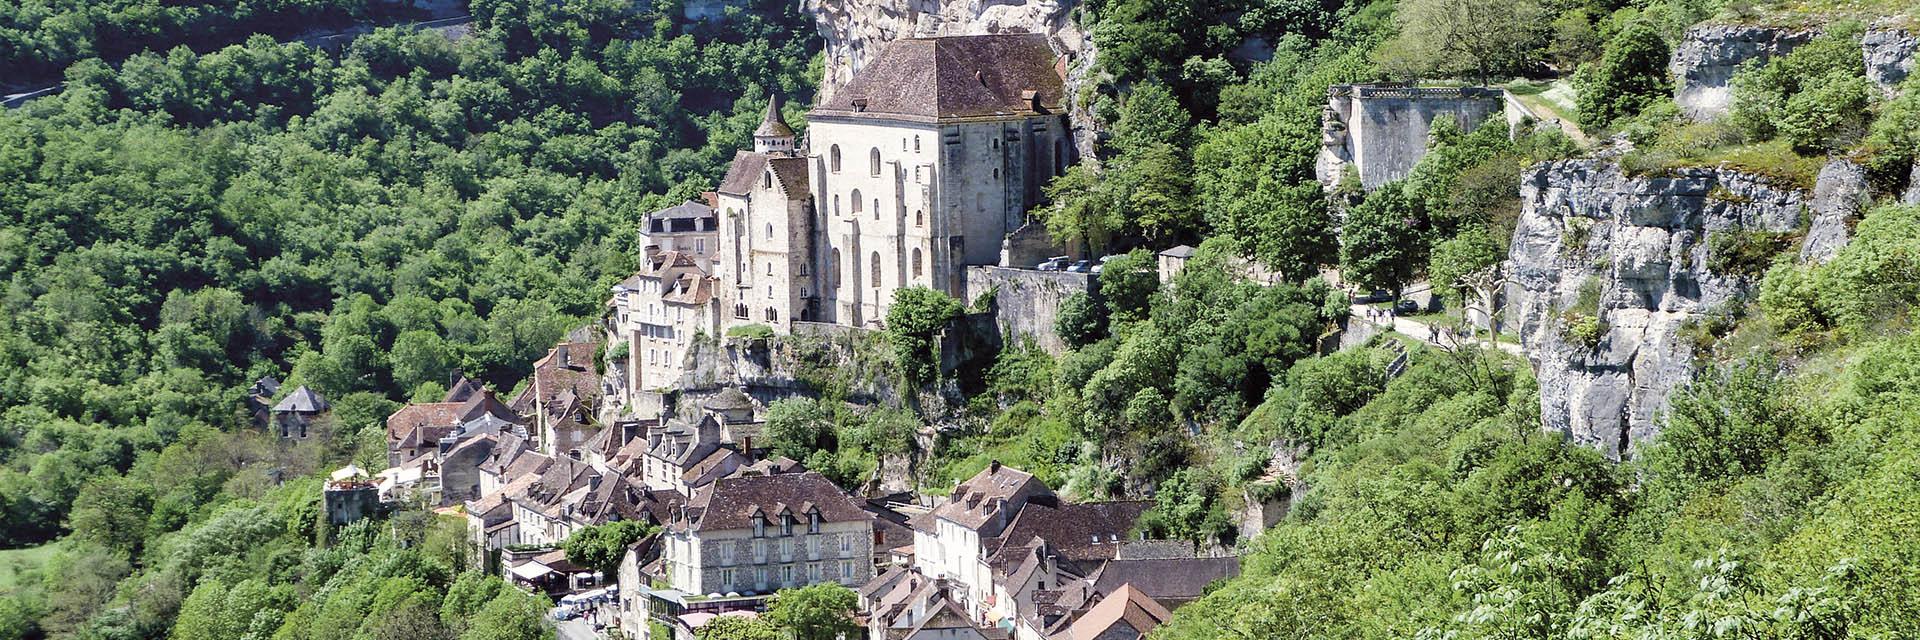 village-vacance-domaine-du-surgie-rocamadour